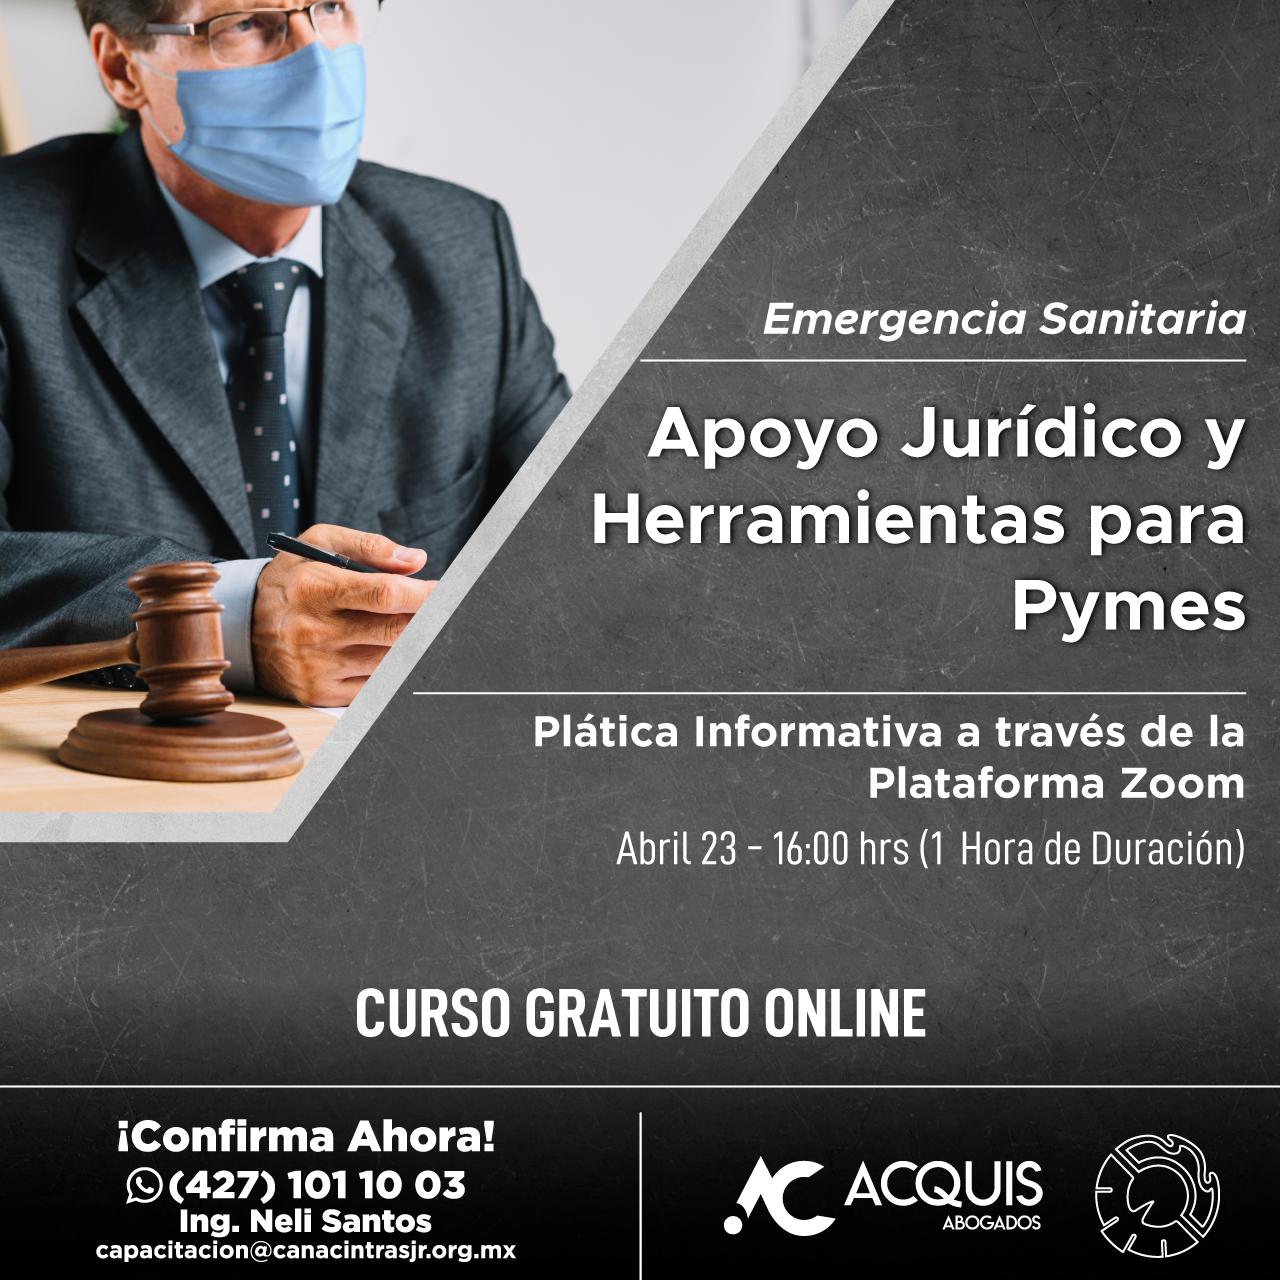 Apoyo Jurídico y Herramientas para Pymes